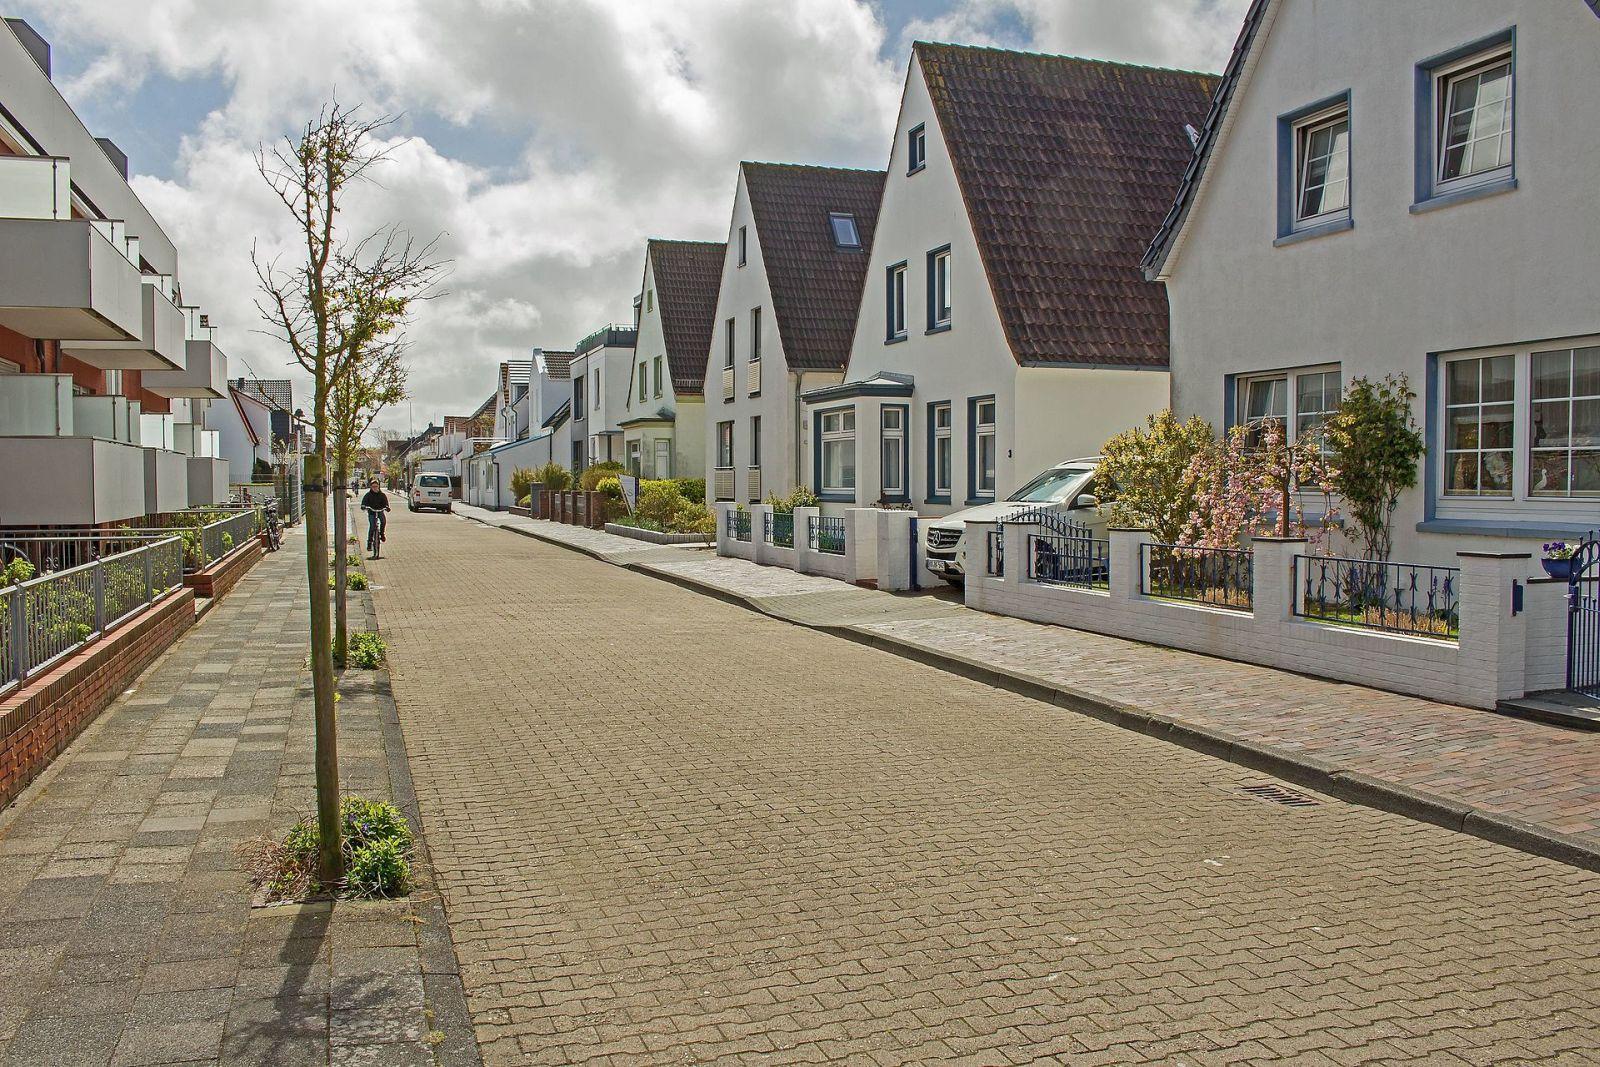 Fähre Norderney Parken